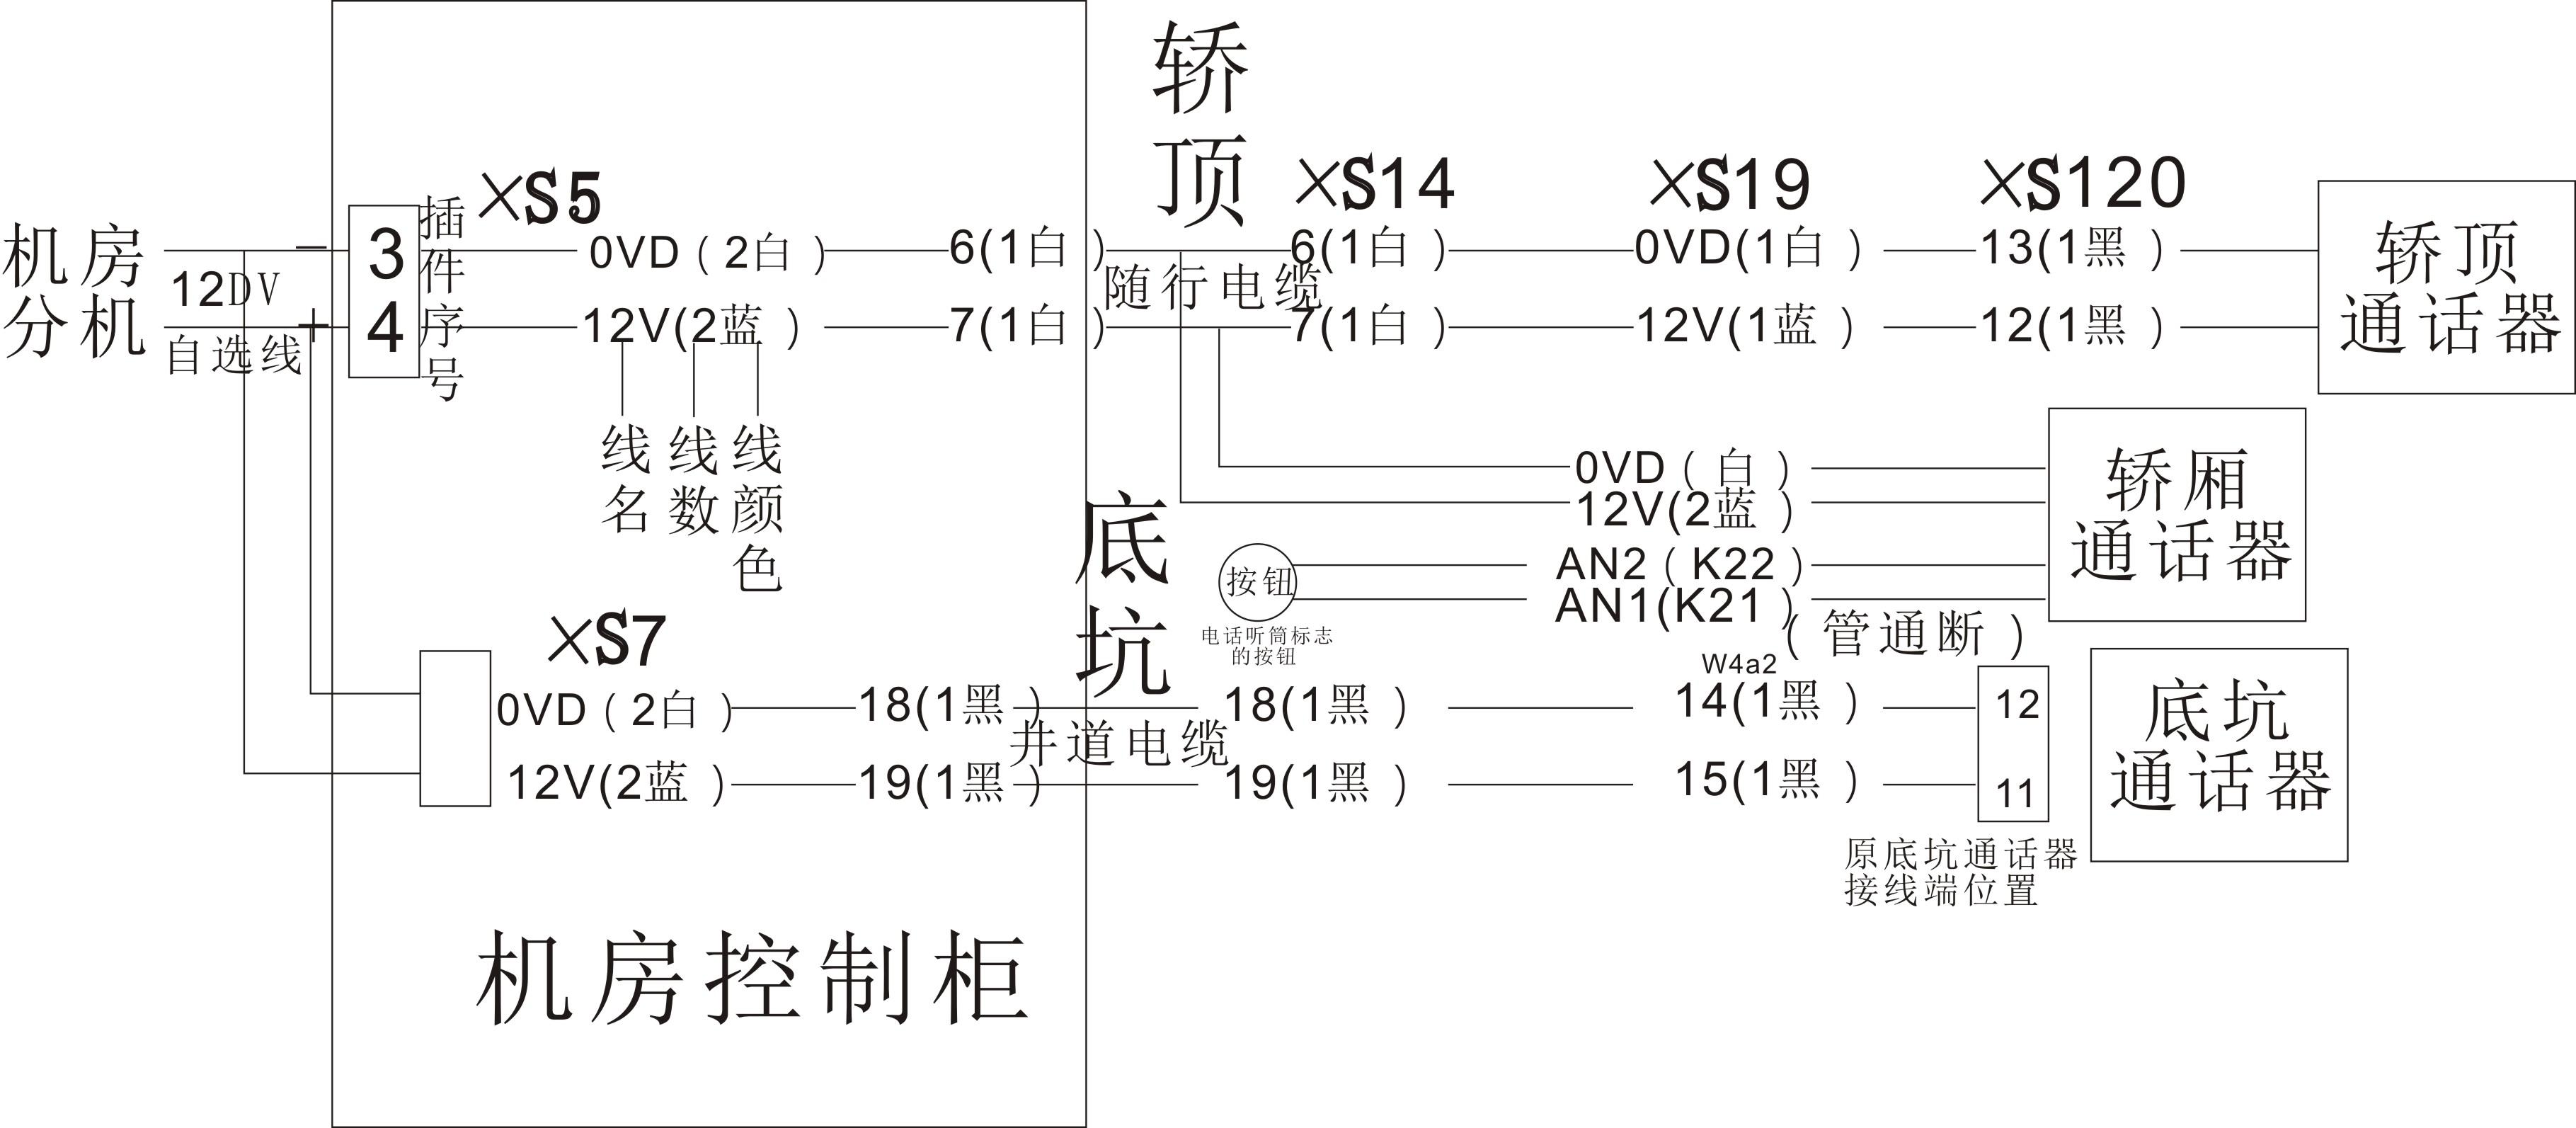 专业生产电梯五方通话系统,电梯五方对讲设备,电梯无线对讲,五方通话